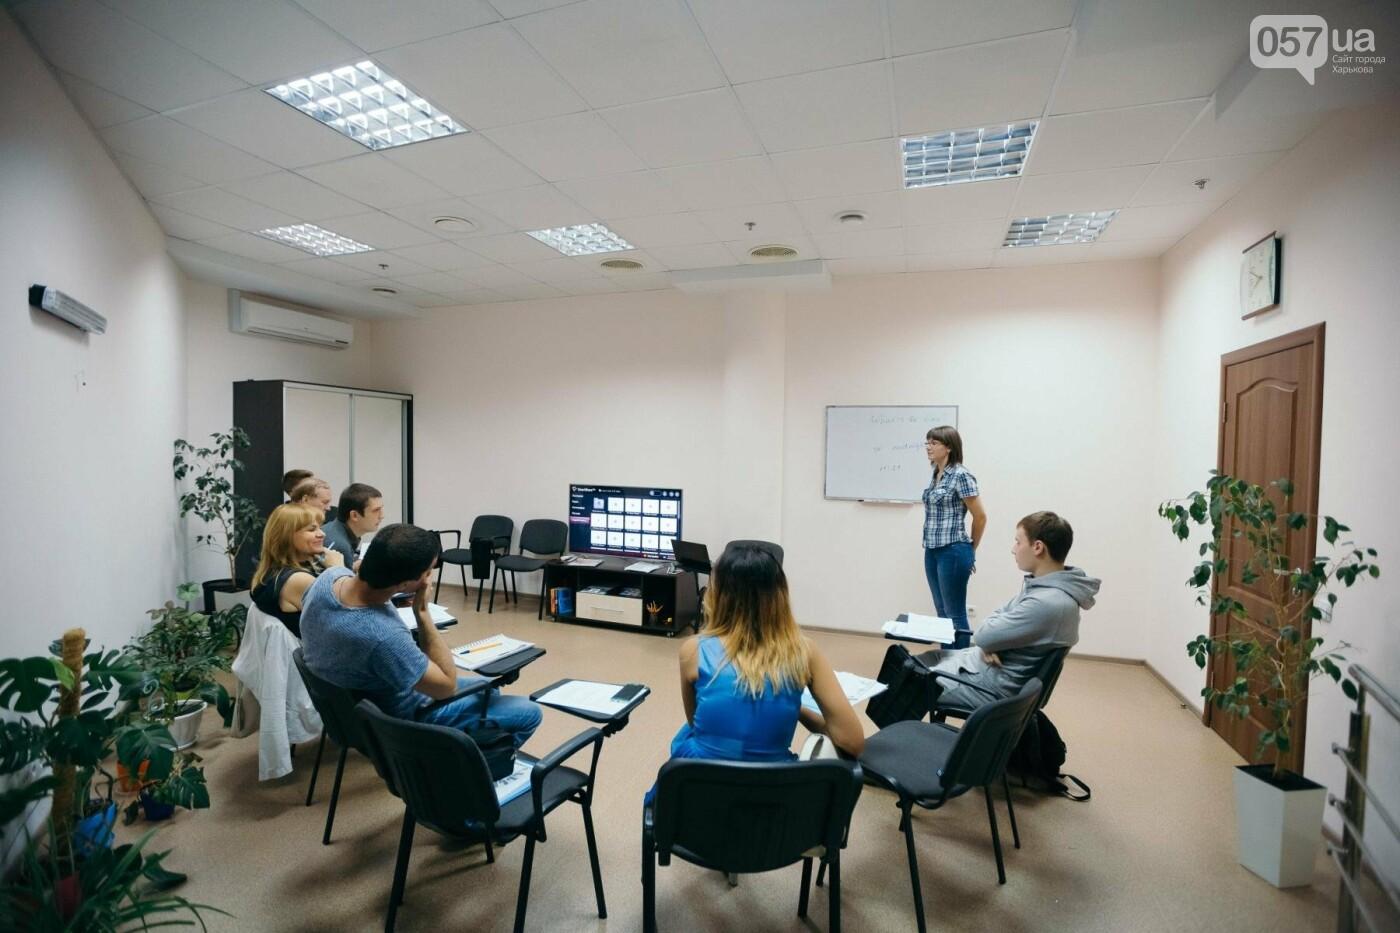 Курсы английского в Харькове ᐈ куда пойти учить английский?, фото-74